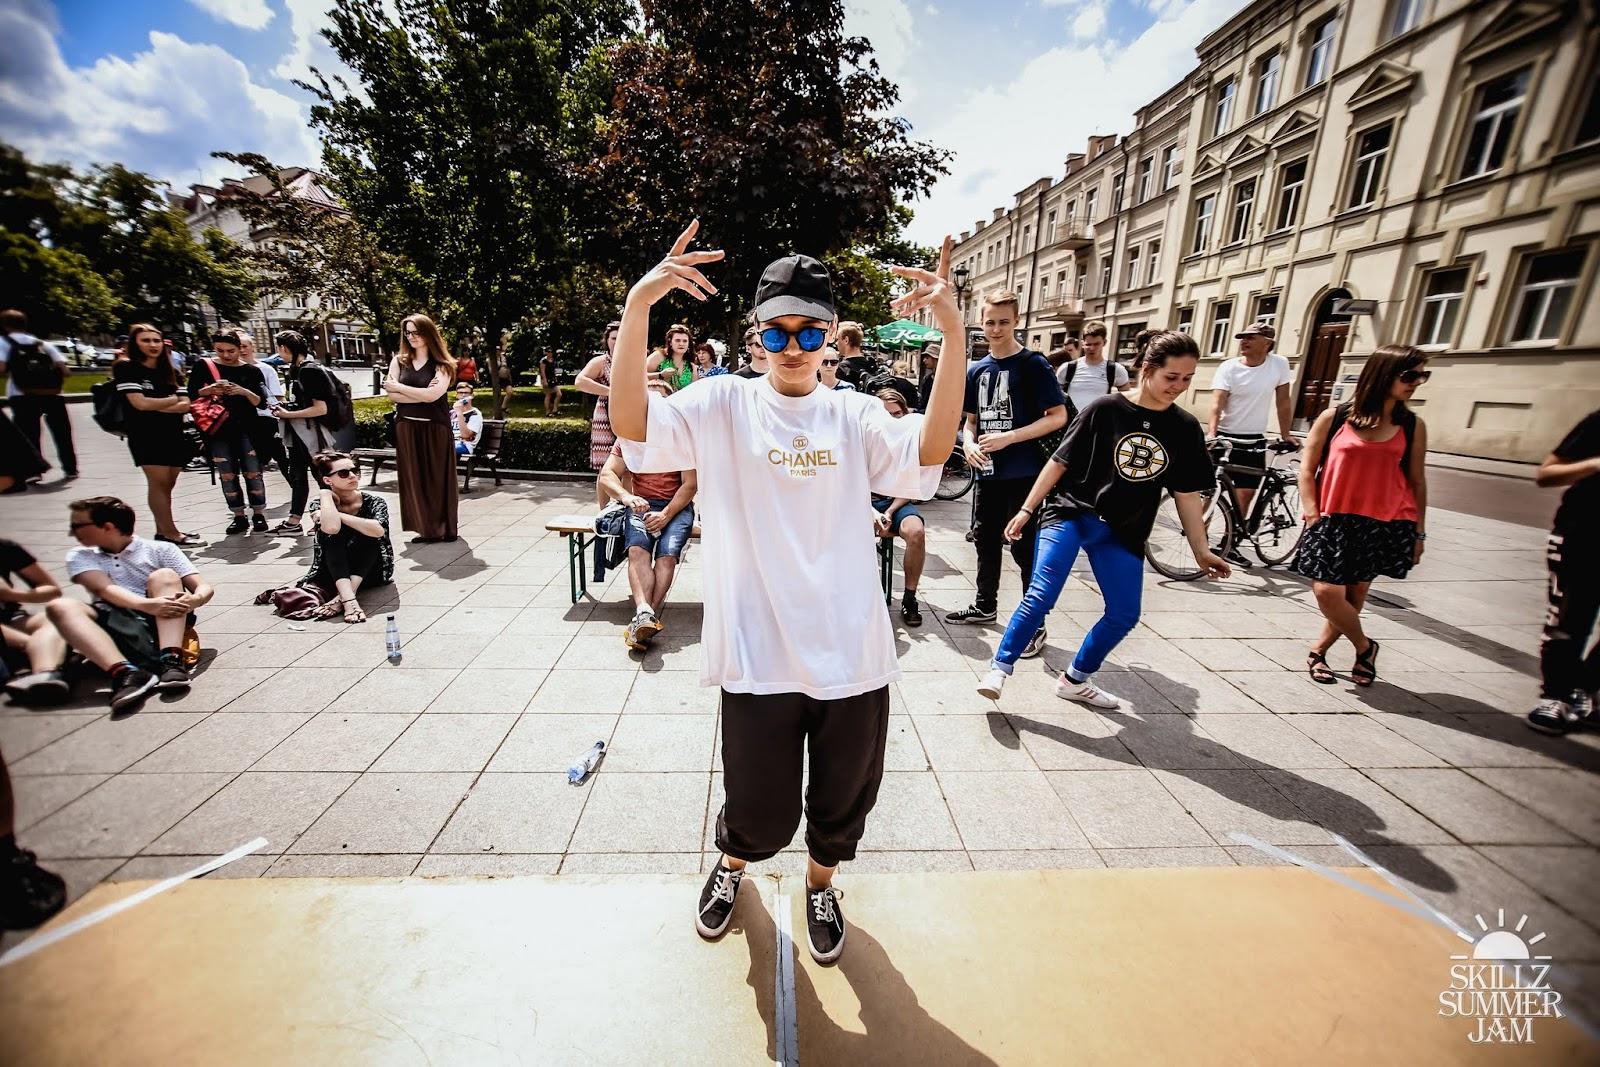 SKILLZ Summer Jam 2016 - IMG_3659.jpg